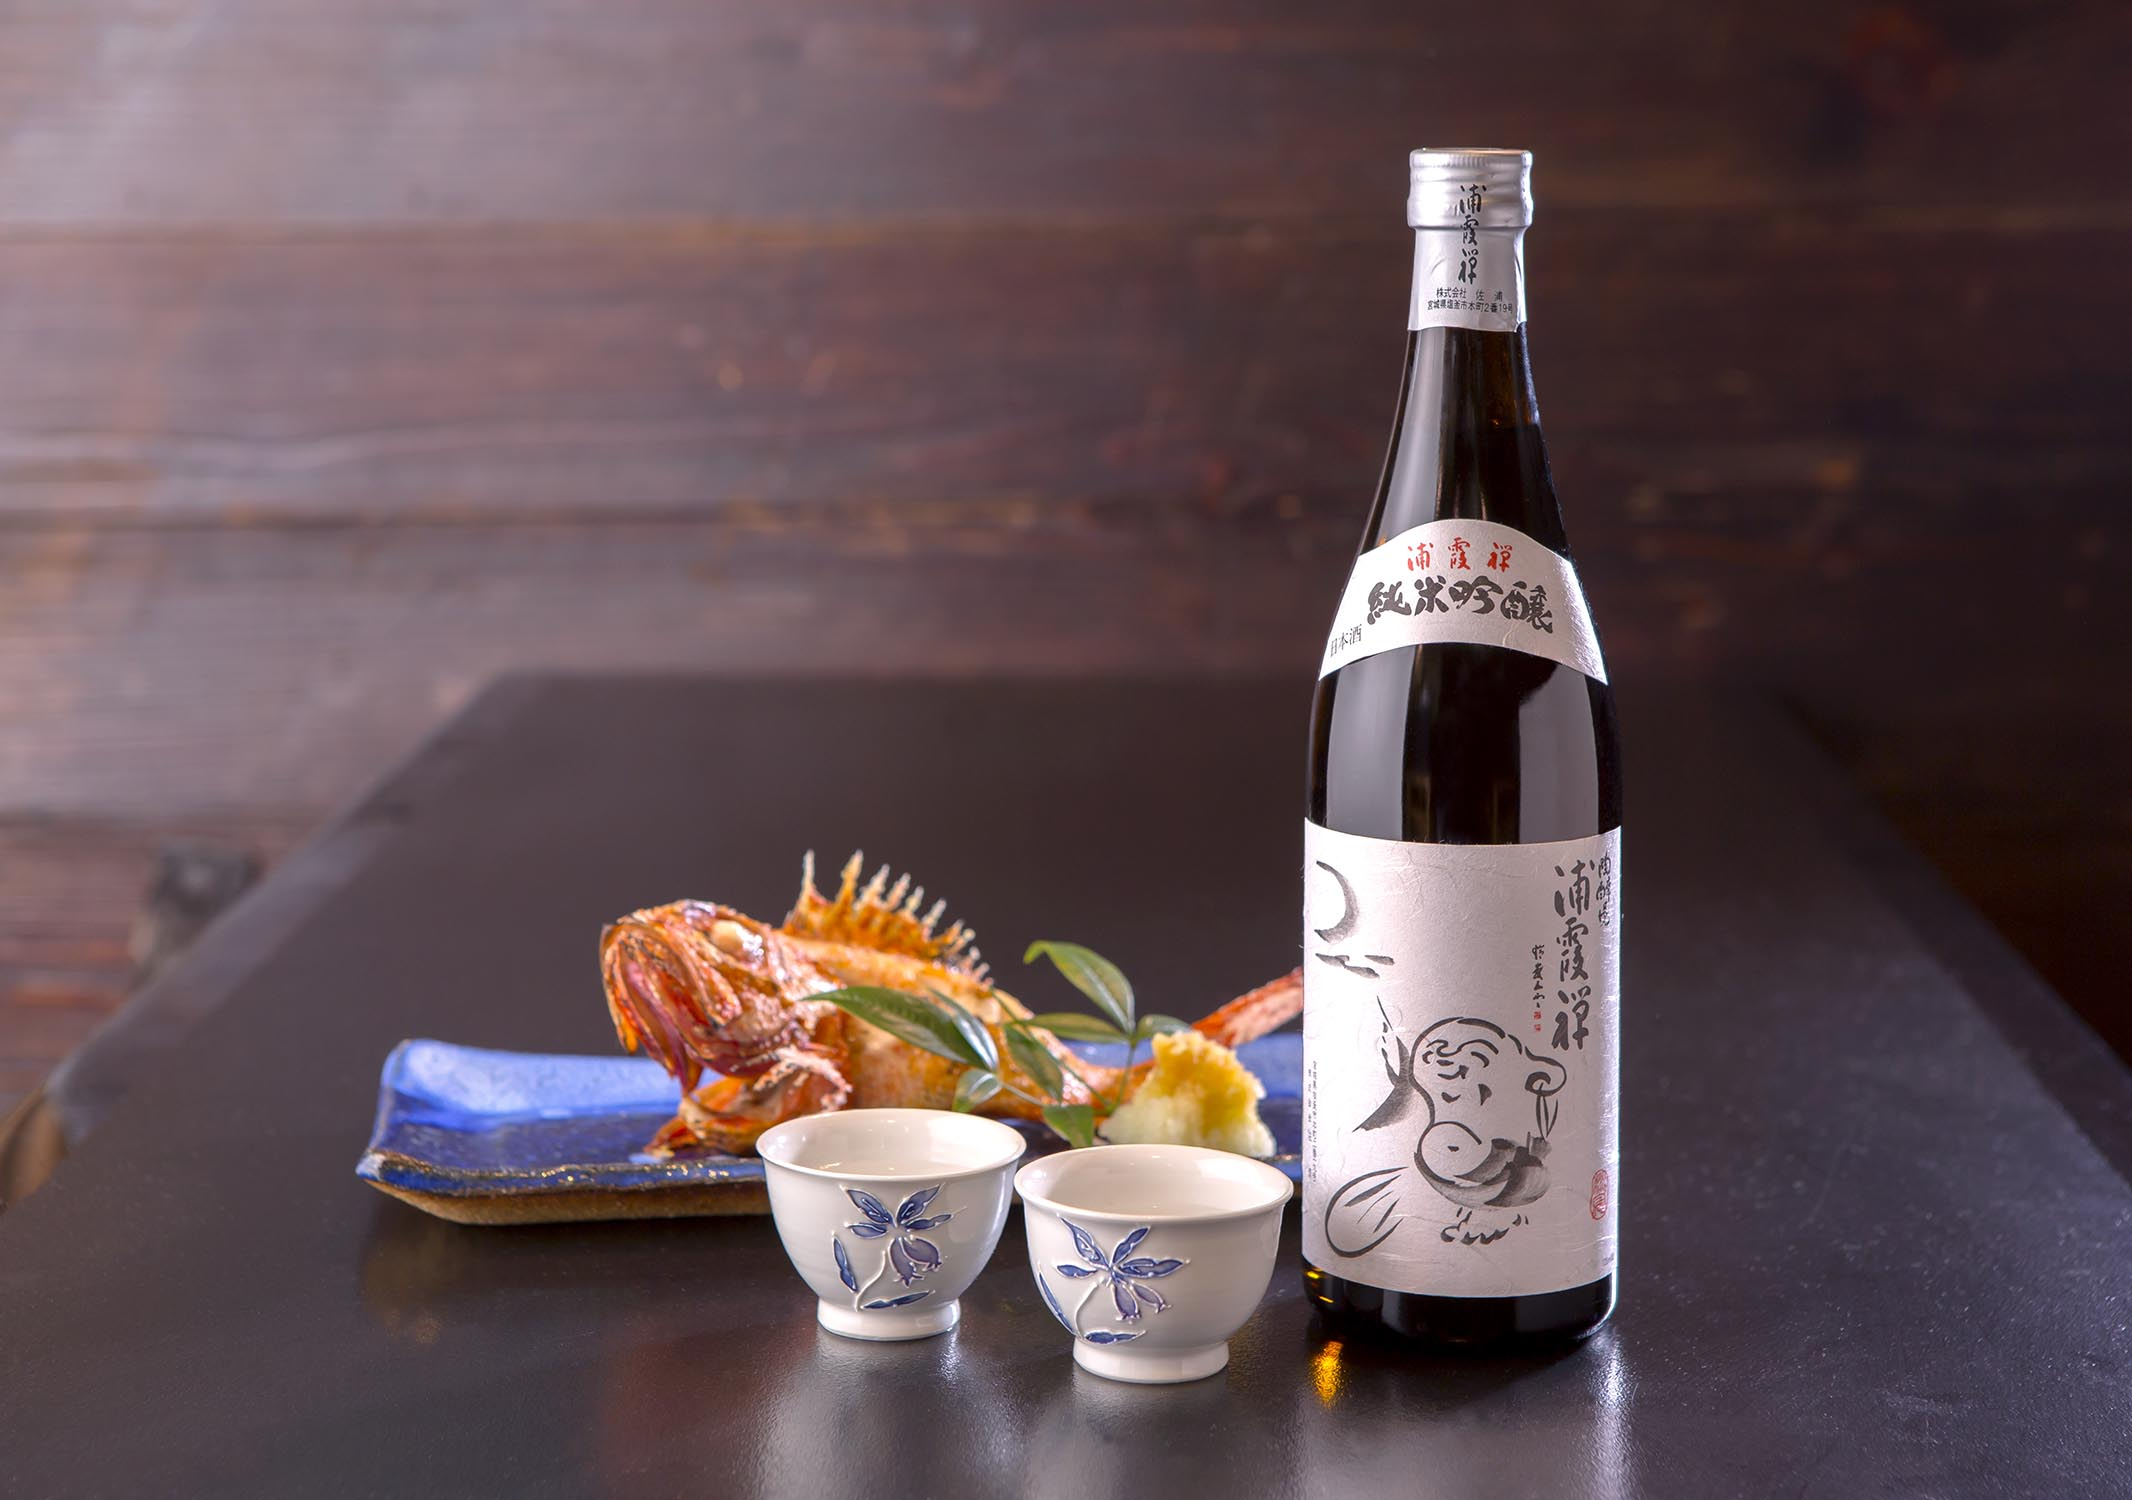 「浦霞」で有名な醸造元 株式会社佐浦と楽しむ90分『第二回 養老乃瀧で日本酒を楽しむ会』開催